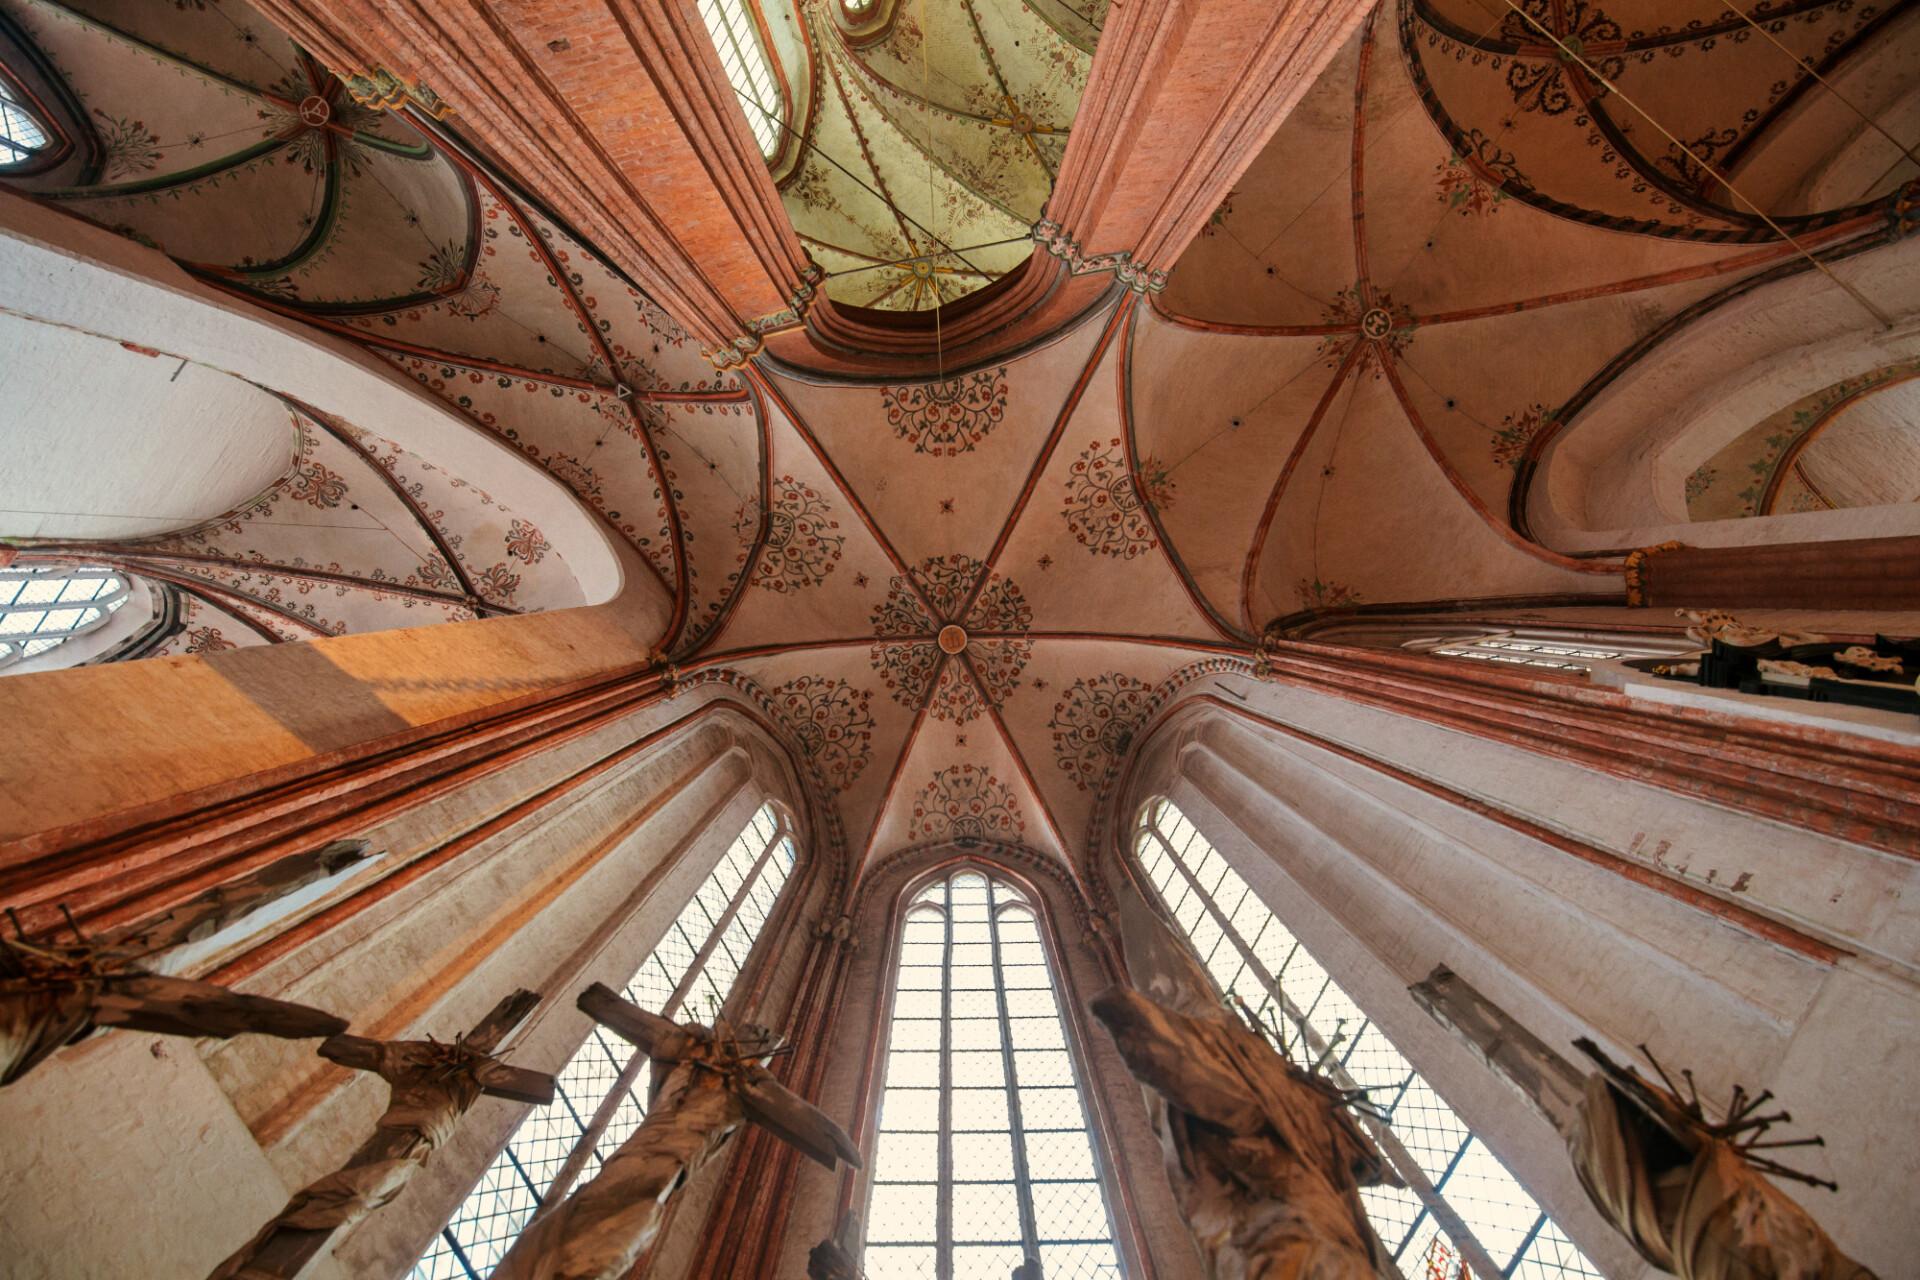 St. Mary's church in Lübeck